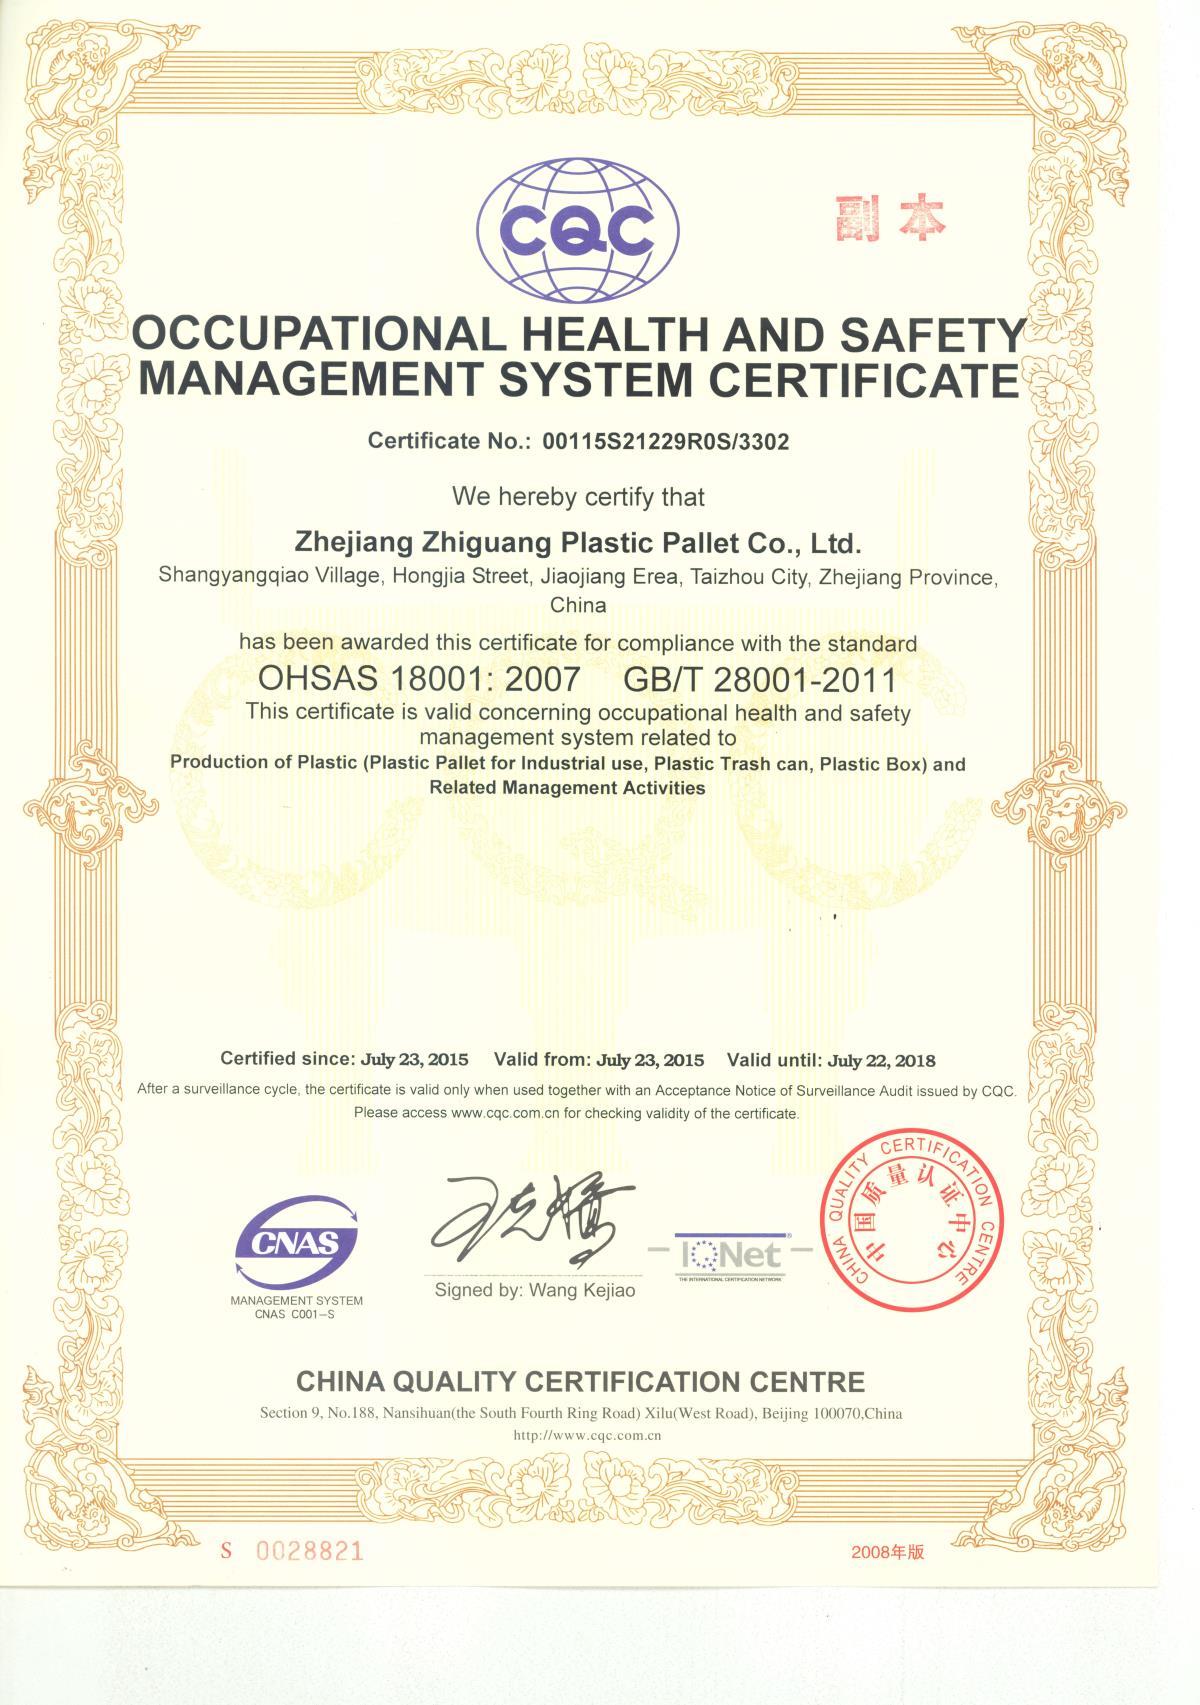 Zhejiang Zhiguang Plastic Pallet OHSAS 18001:2007 Certificate